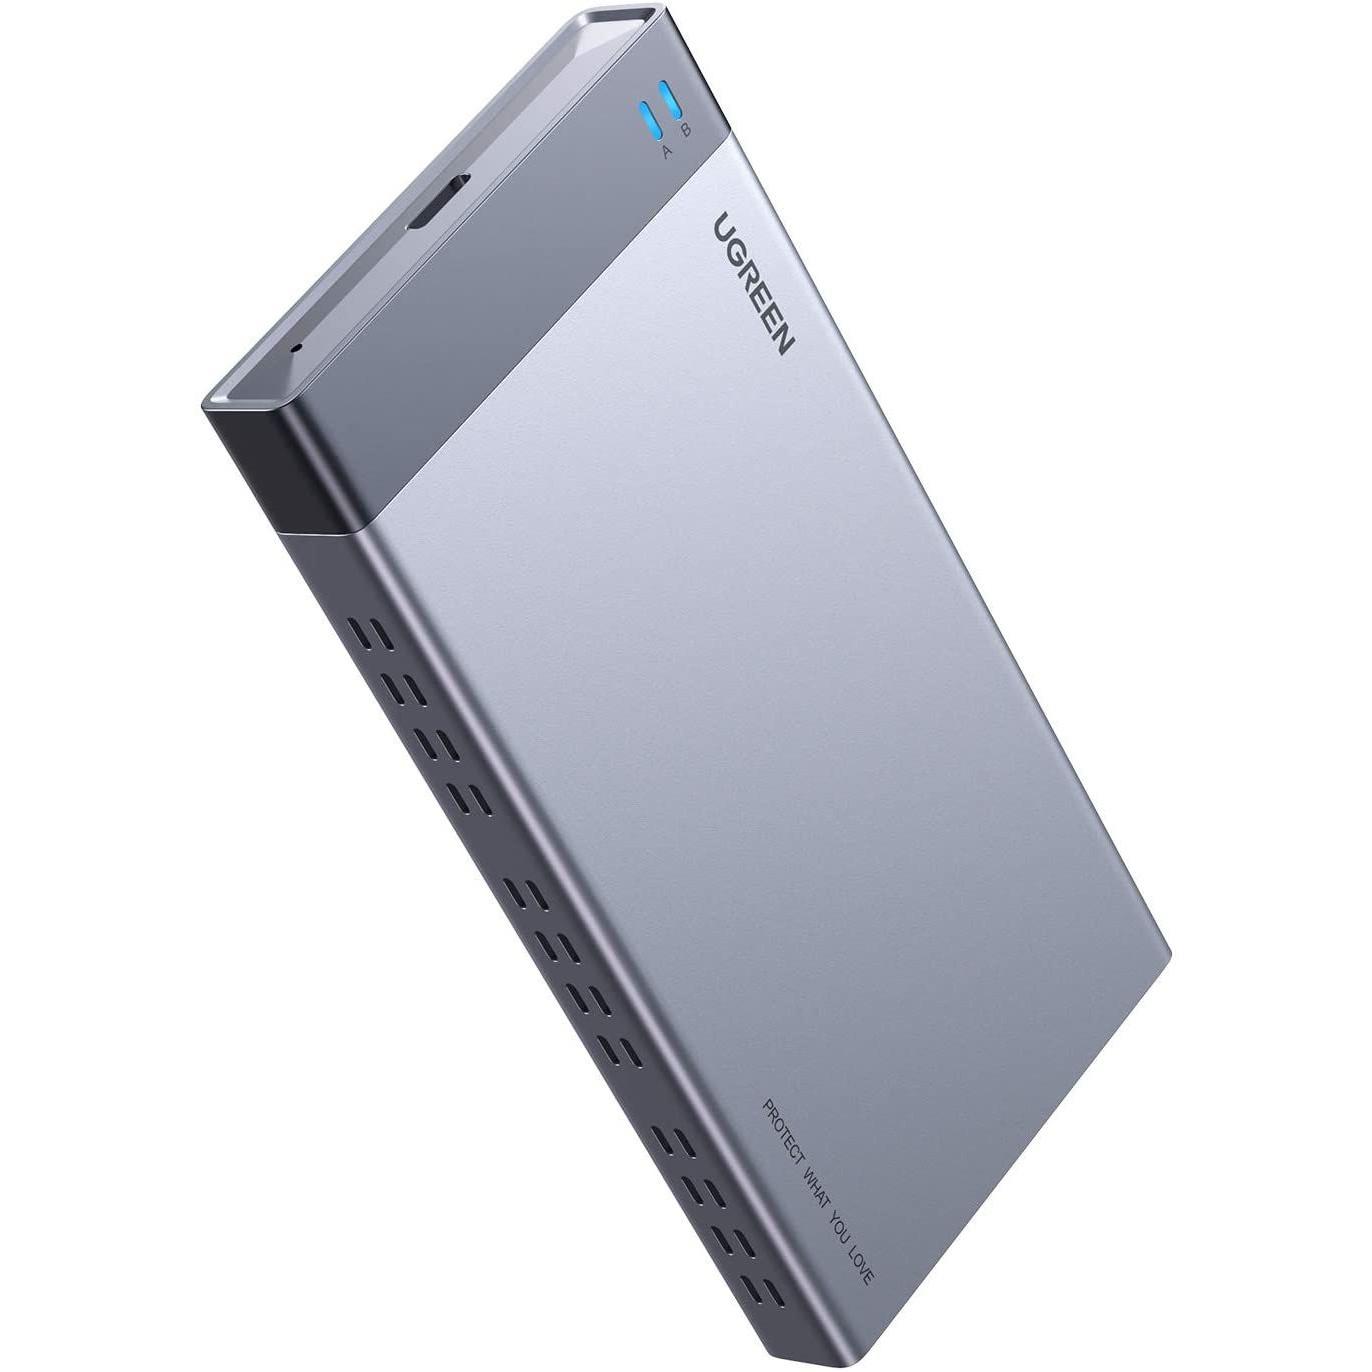 Hộp đựng 2 ổ cứng ssd M.2 B-KEY SATA - NGFF Raid 6Gbps  usb type c 3.1 gen2 CM299 Ugreen 70534 Hàng Chính Hãng